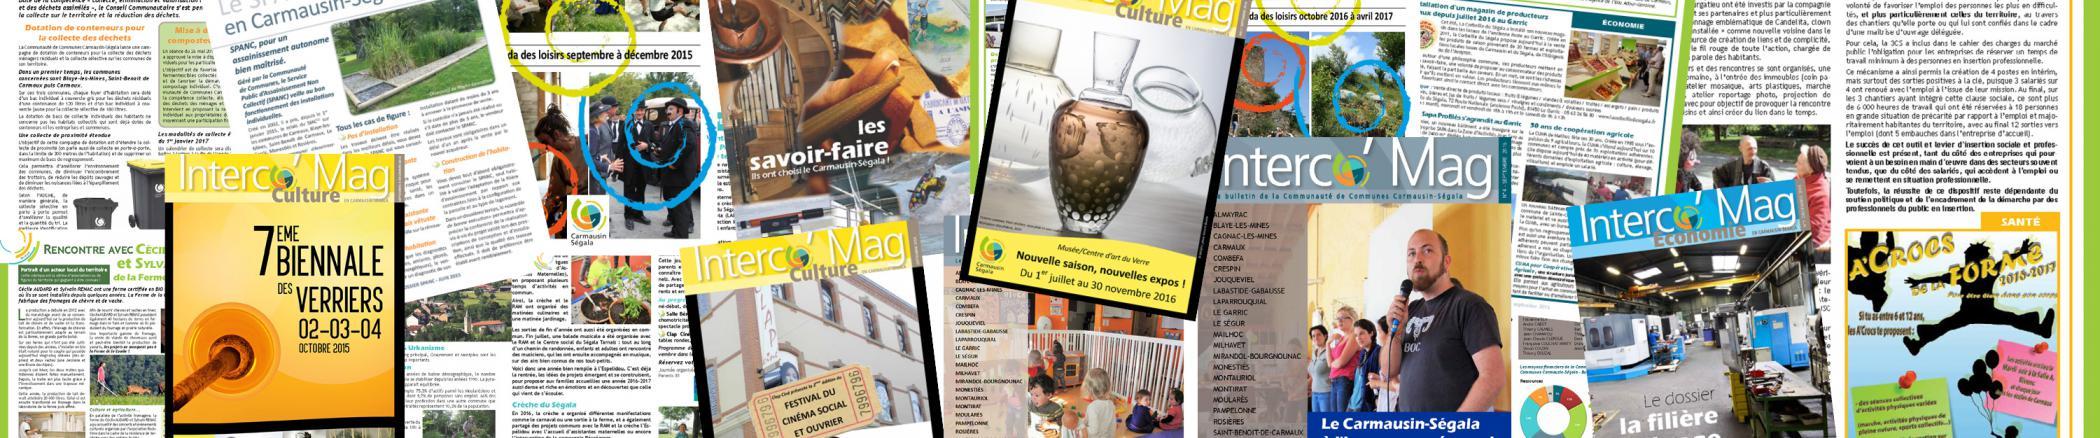 Interco'Mag culture